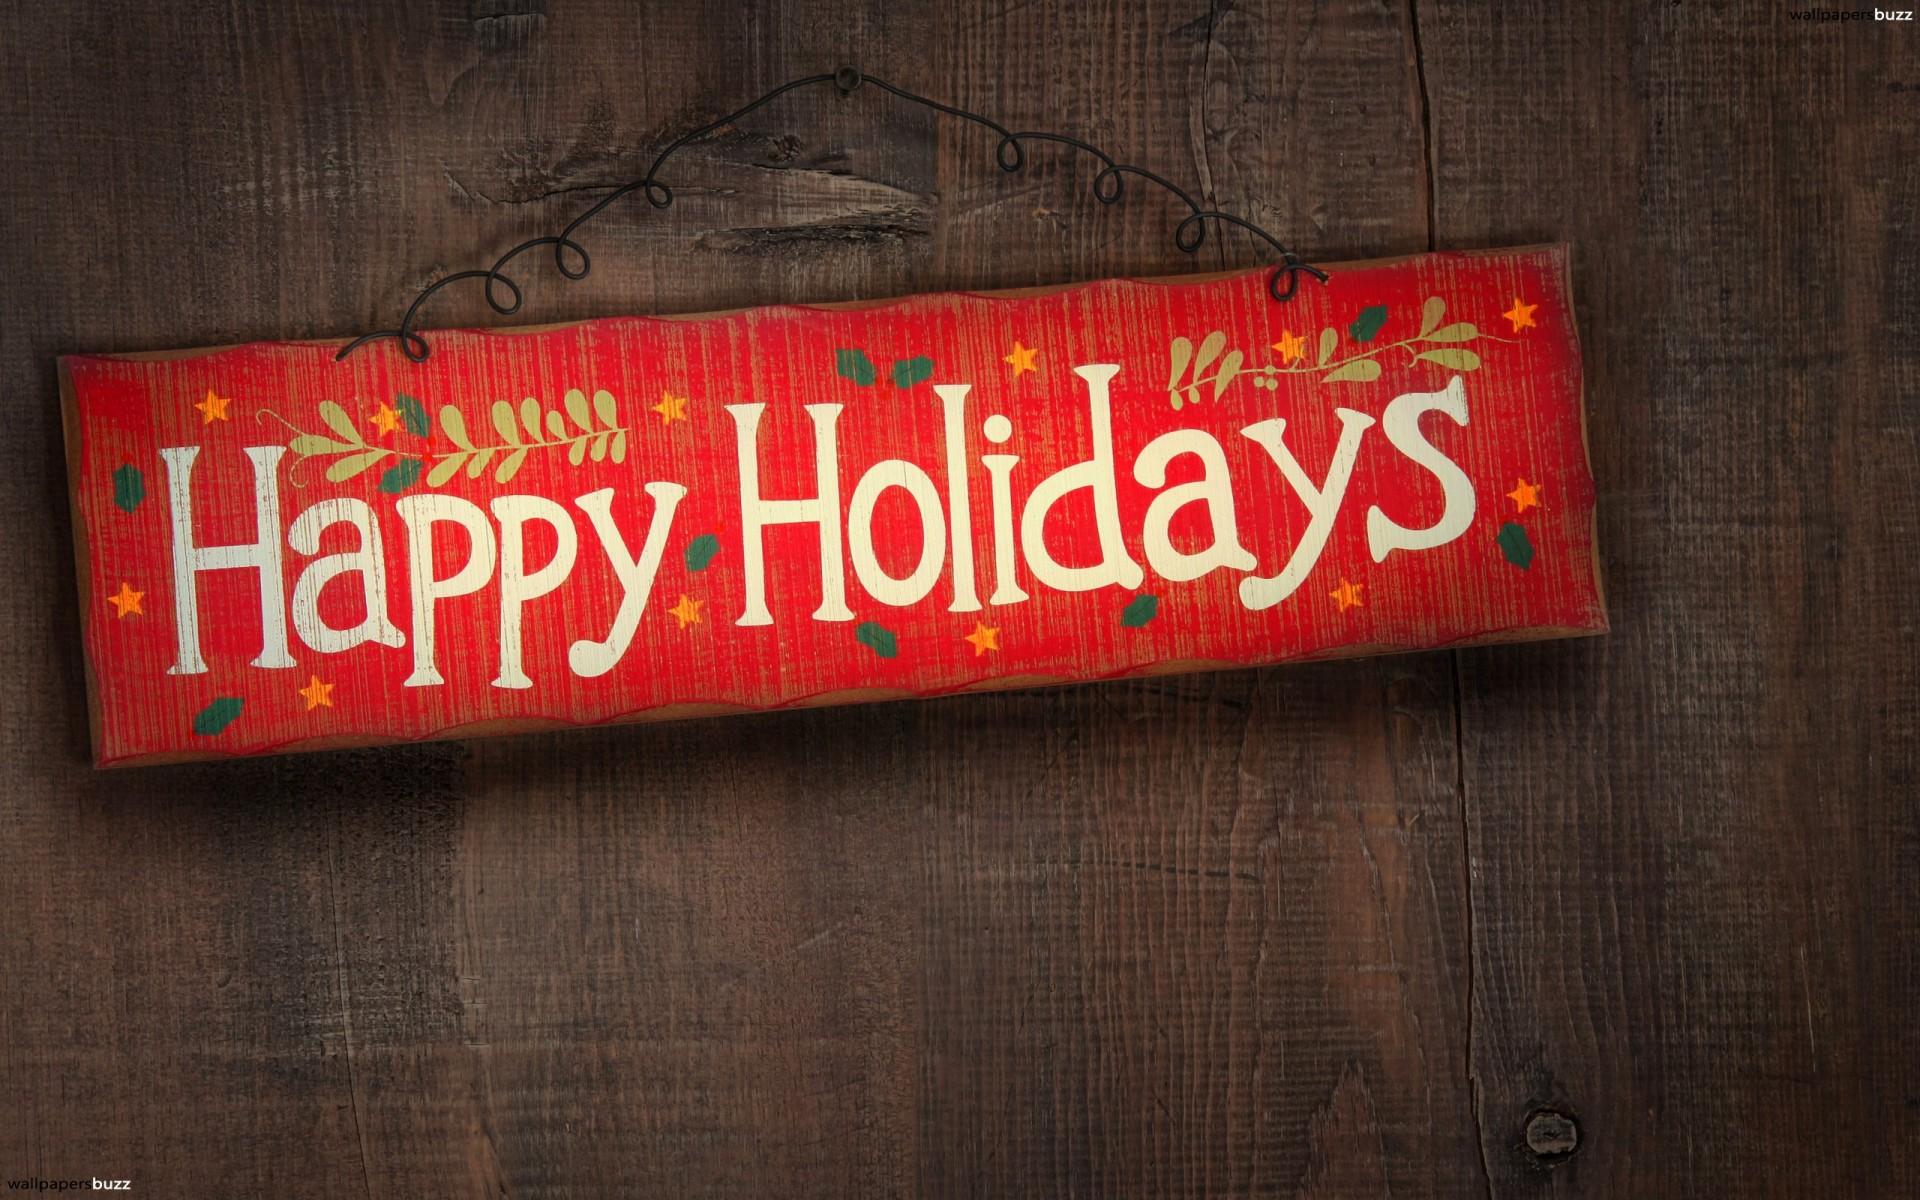 wallpaper-holidays